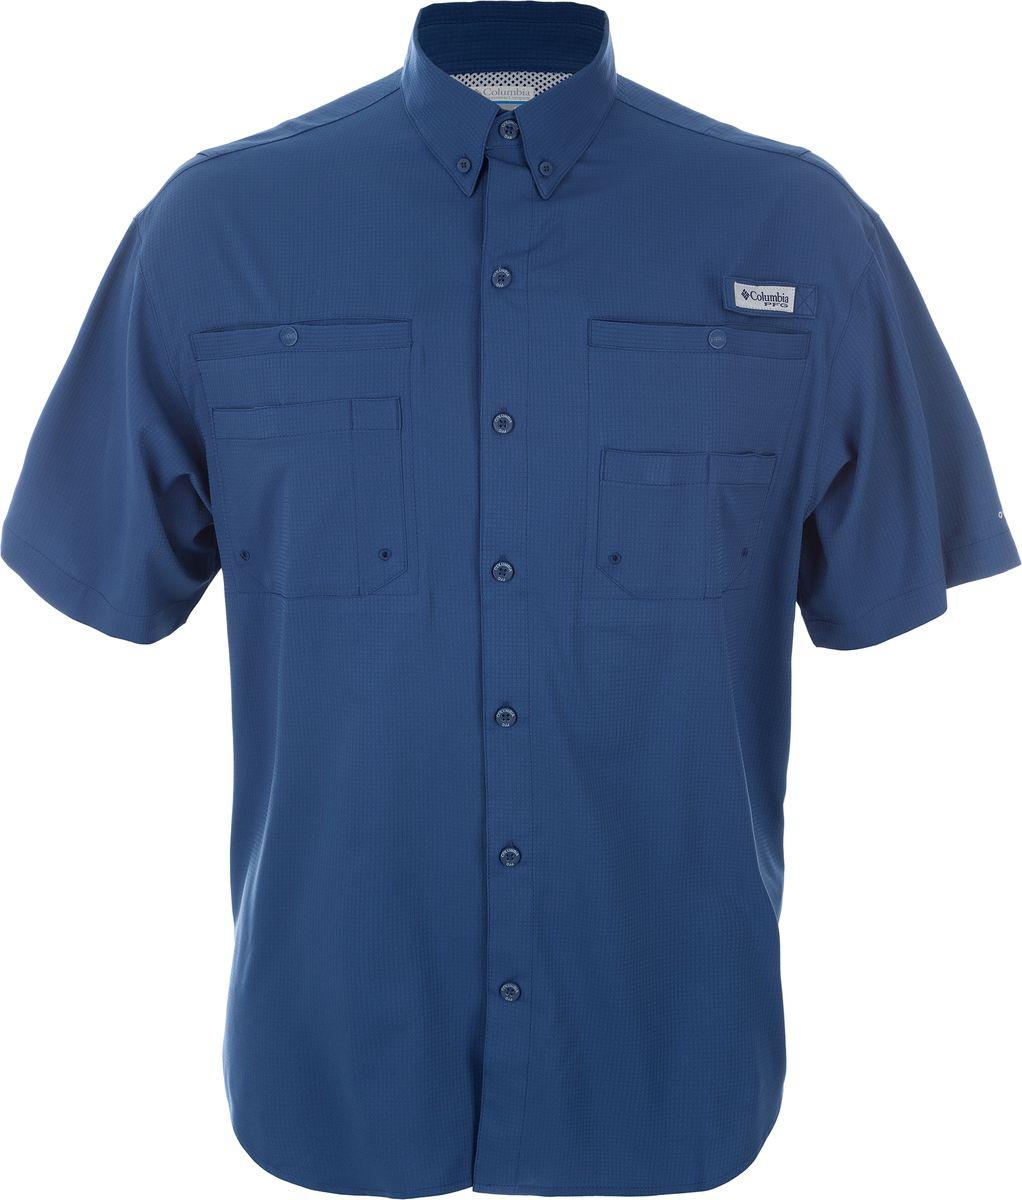 Купить Рубашка мужская Columbia Tamiami II SS Shirt, цвет: синий. 1287051-452. Размер M (46/48)